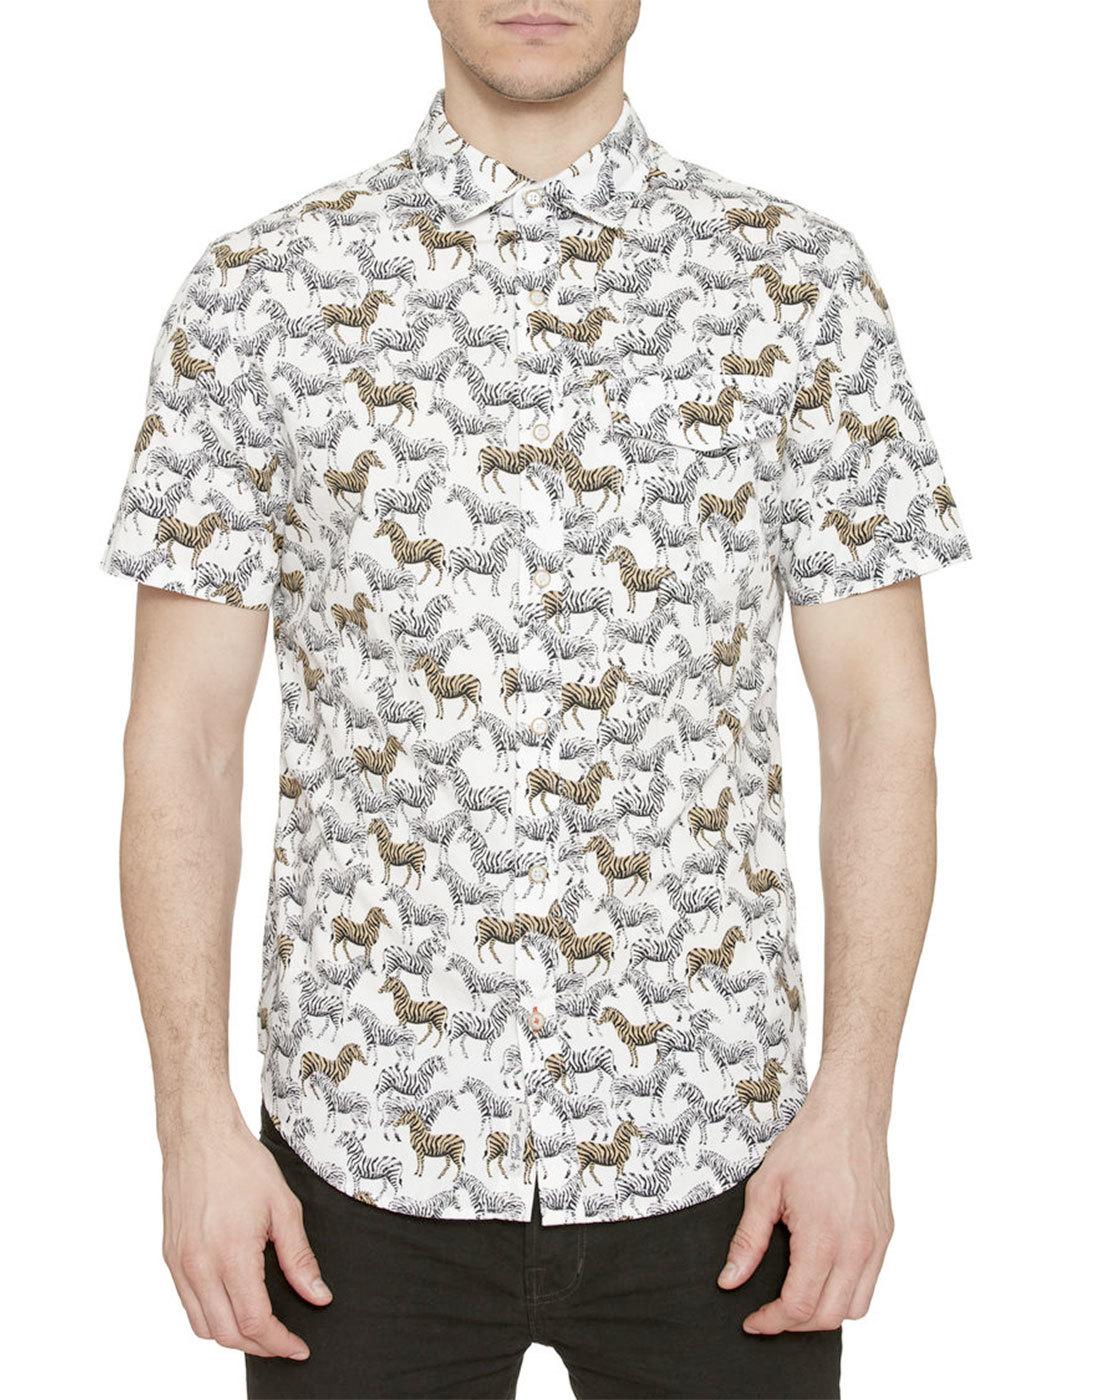 ORIGINAL PENGUIN Retro Mod 70s Zebra Print Shirt